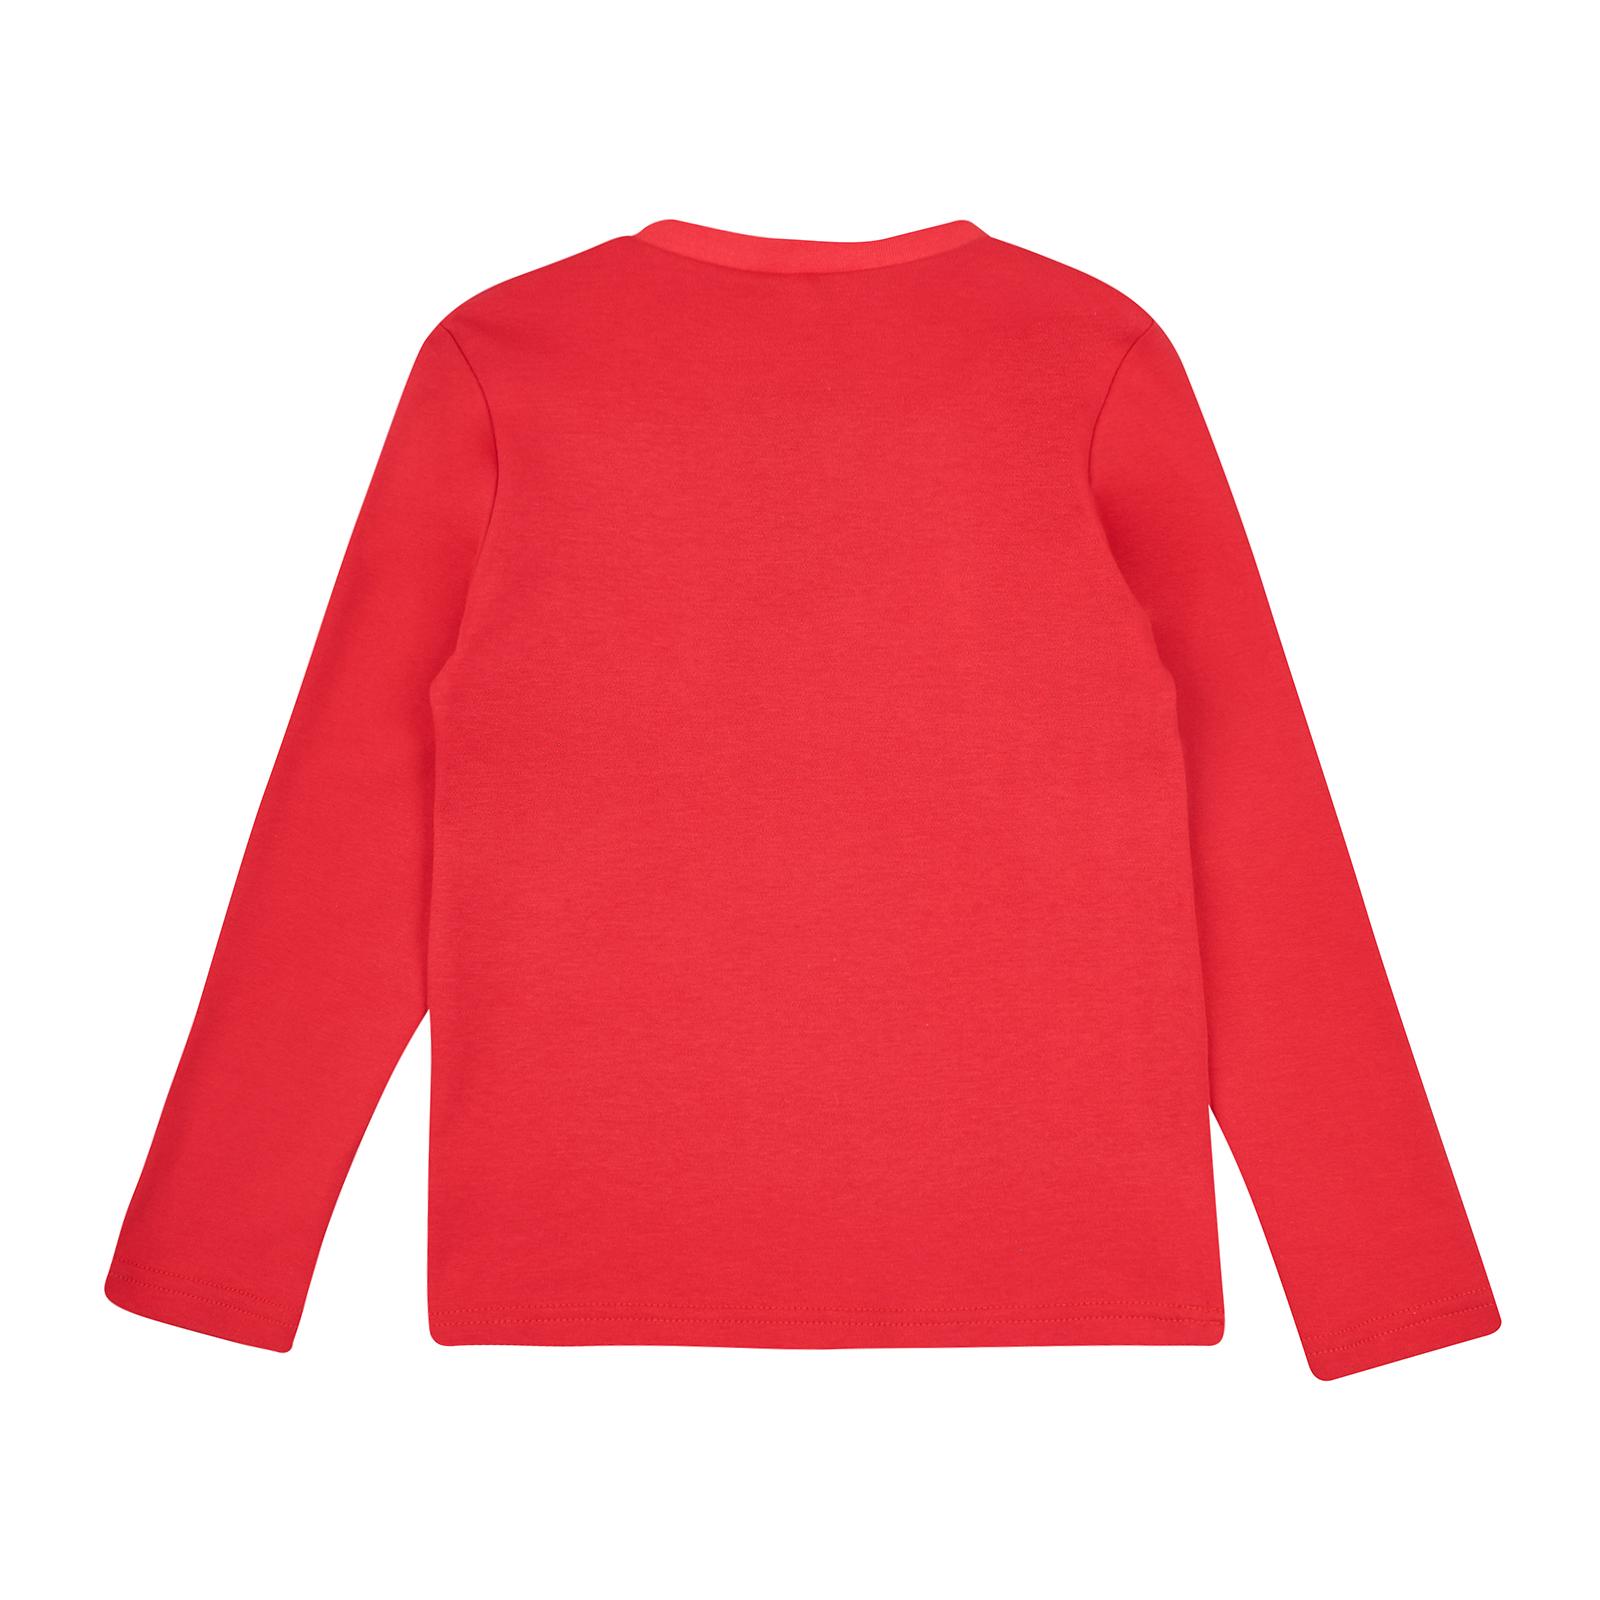 Реглан детские O! Kids Clothing модель OKC~96327-1 купить, 2017